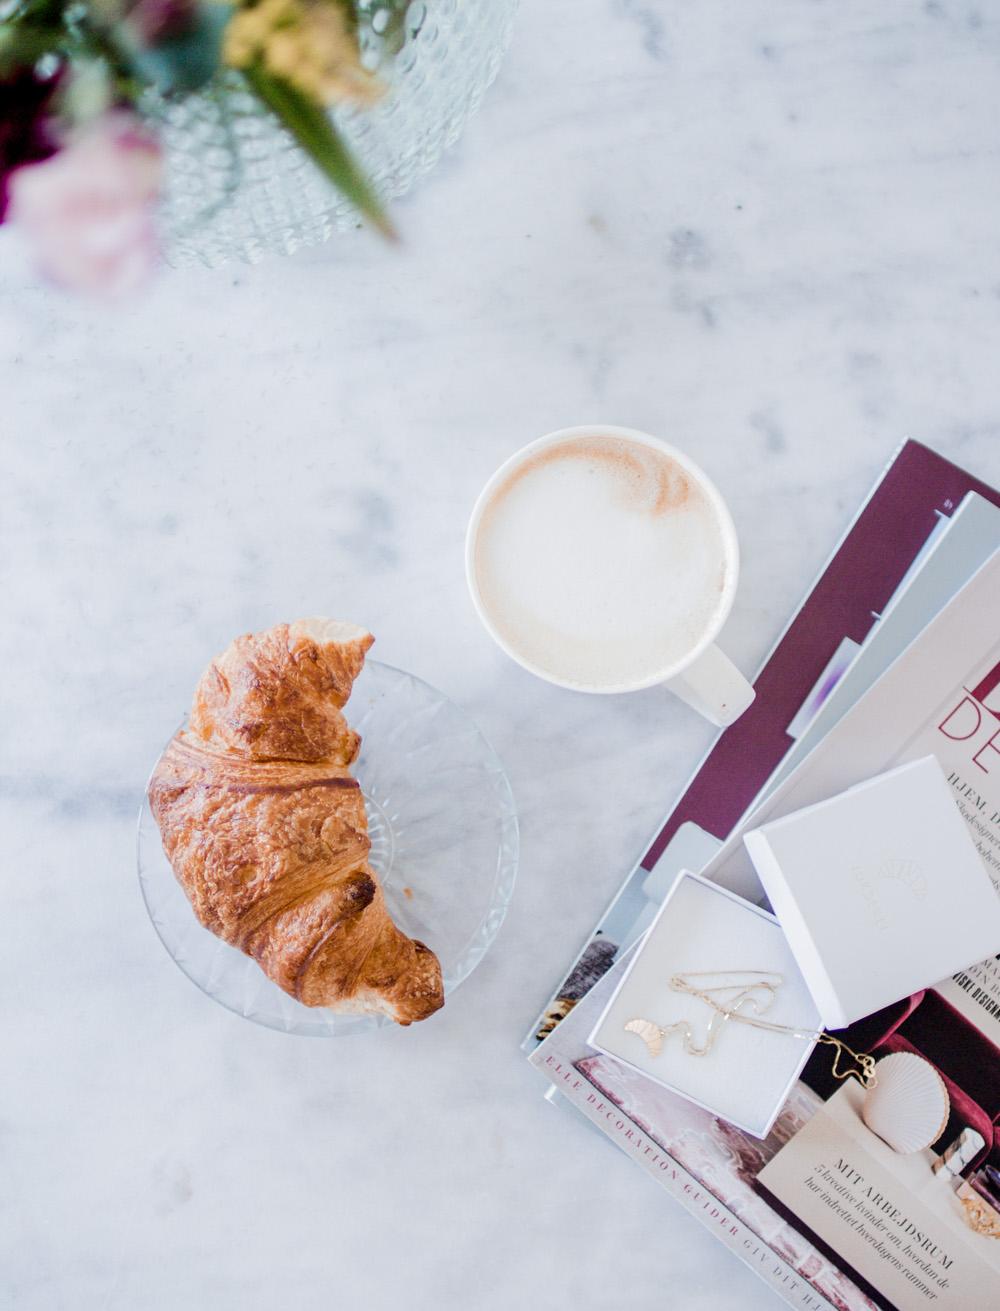 jukserei-croissant-smykke-befashionable-1-of-5